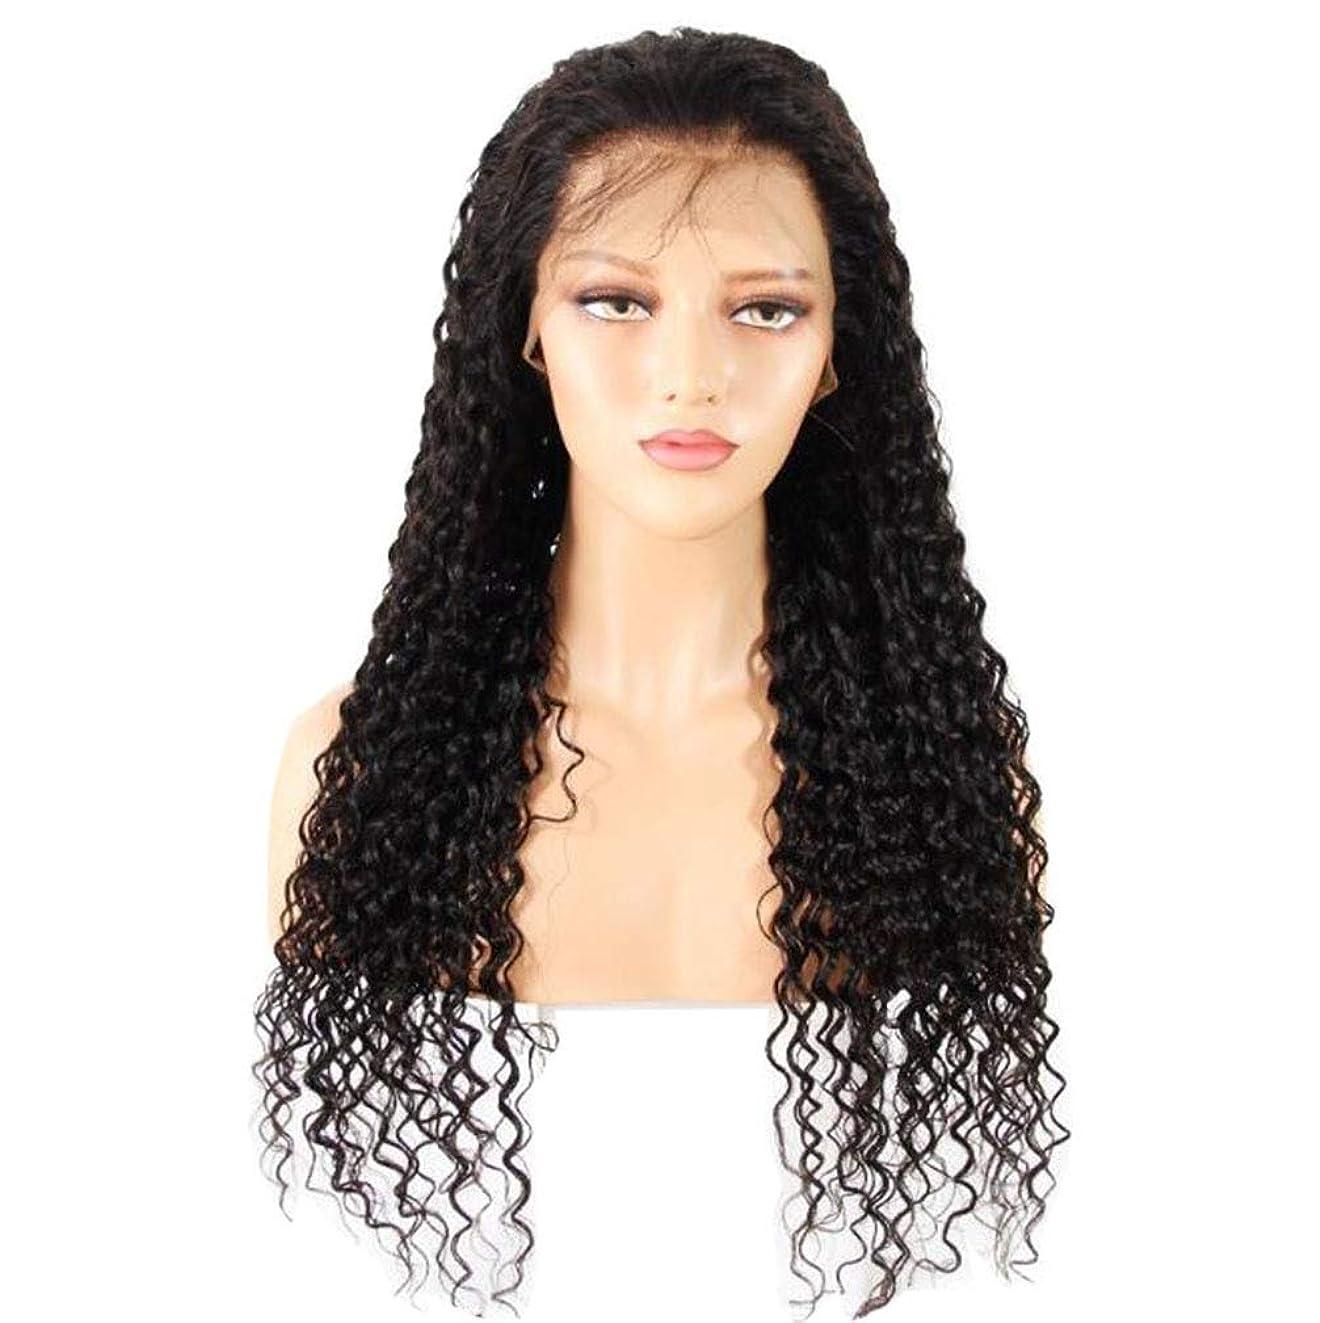 真実に徹底個人レースフロントかつら本物の人間の毛髪の深い波 130% 密度の自然なヘアラインの髪の女性のための赤ちゃんの髪の毛の日常使用前に撥未処理のバージンかつら,12inch